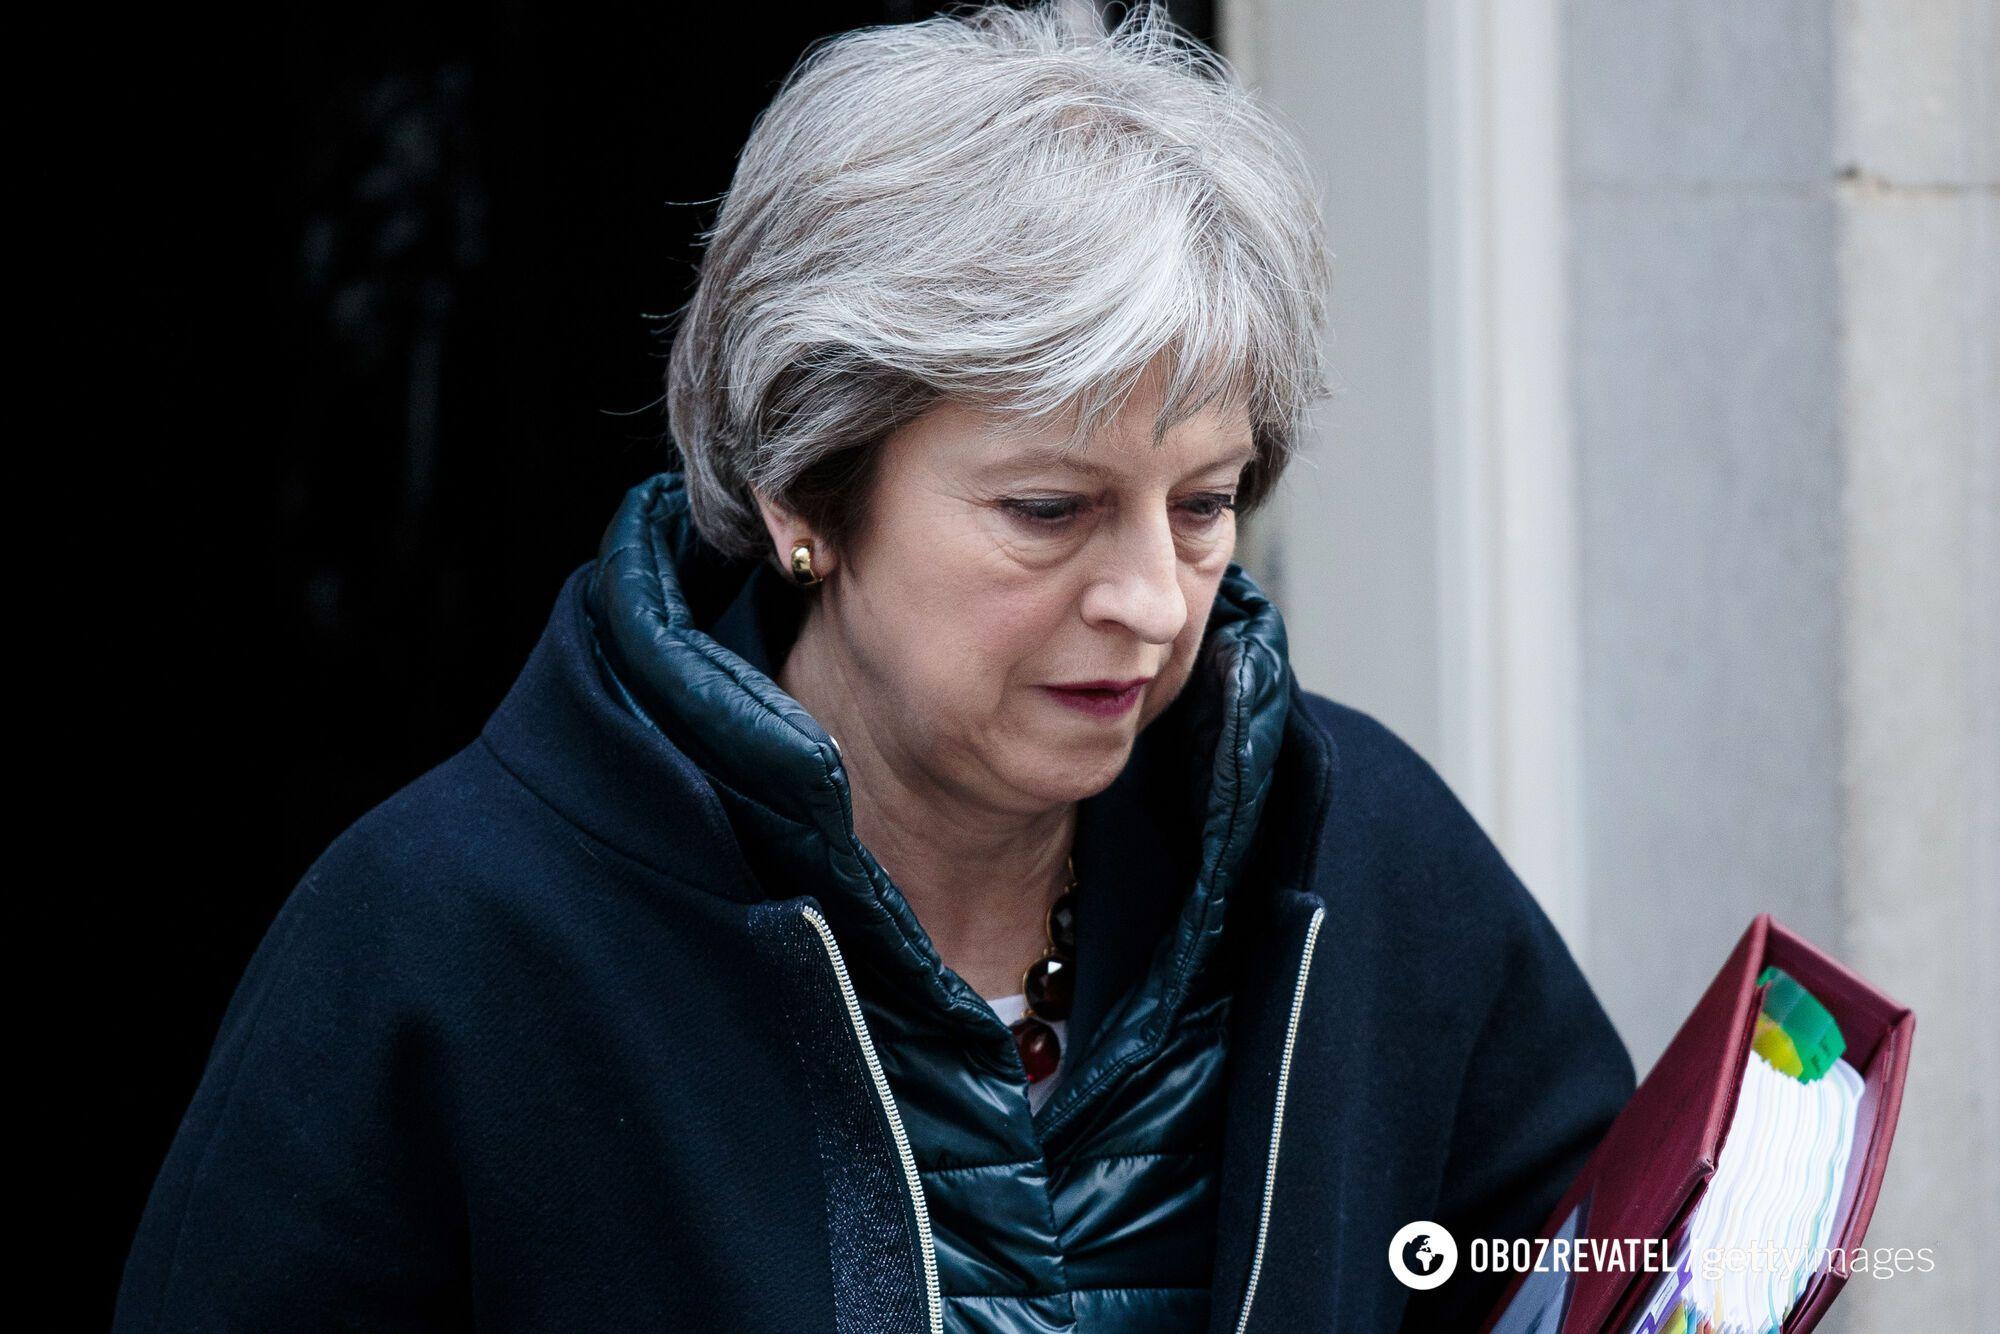 Великобритания высылает дипломатов РФ и замораживает все контакты с Москвой